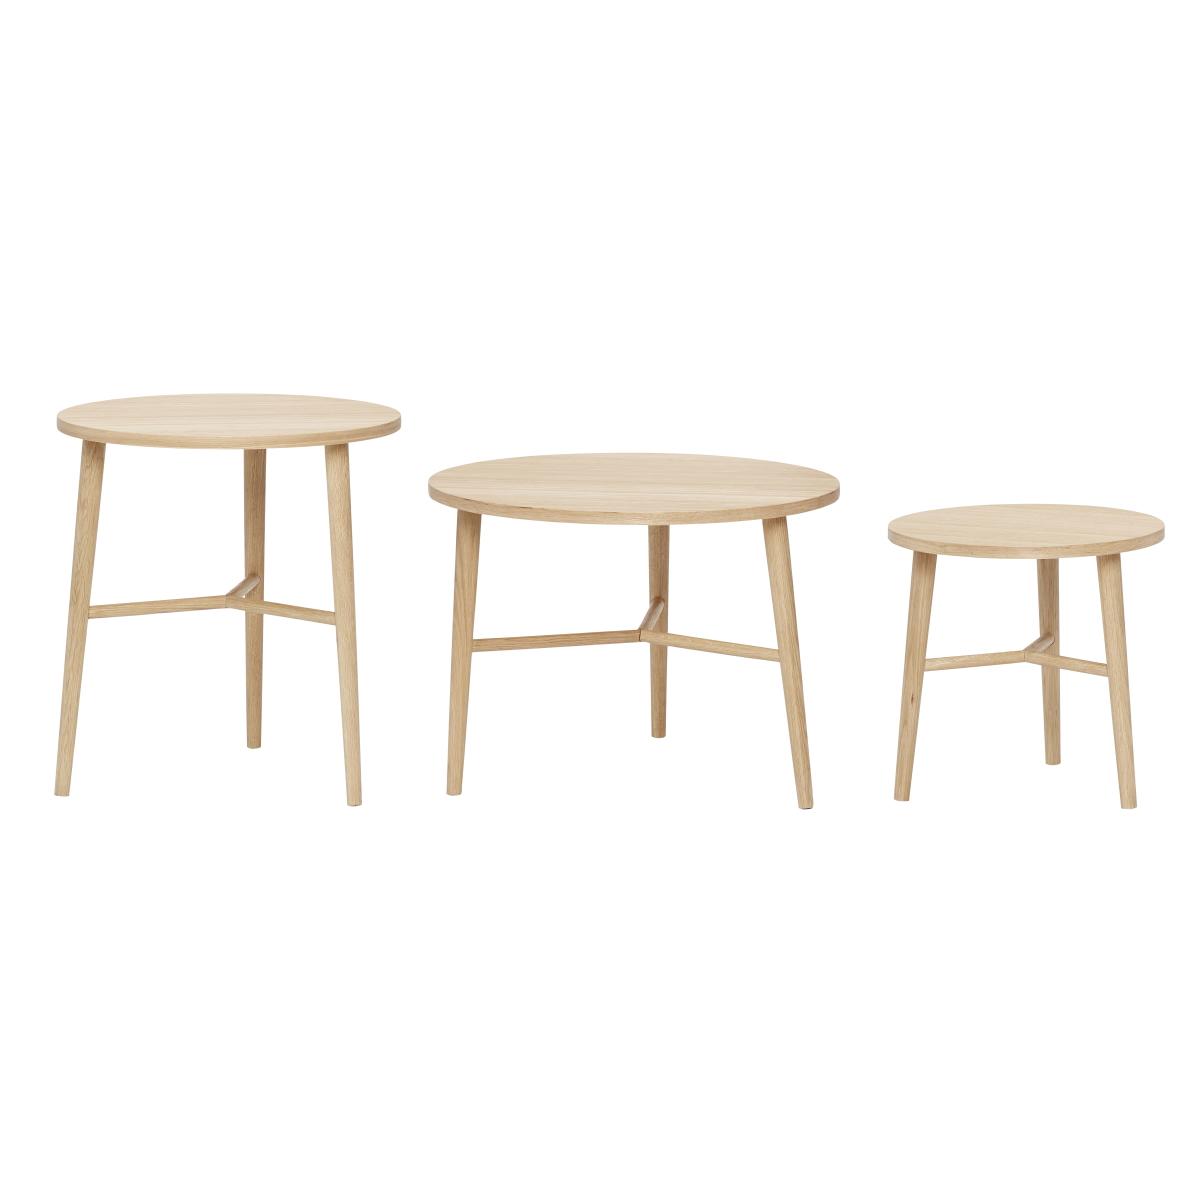 Småbord 3-set soffbord ljus ek, Hubsch